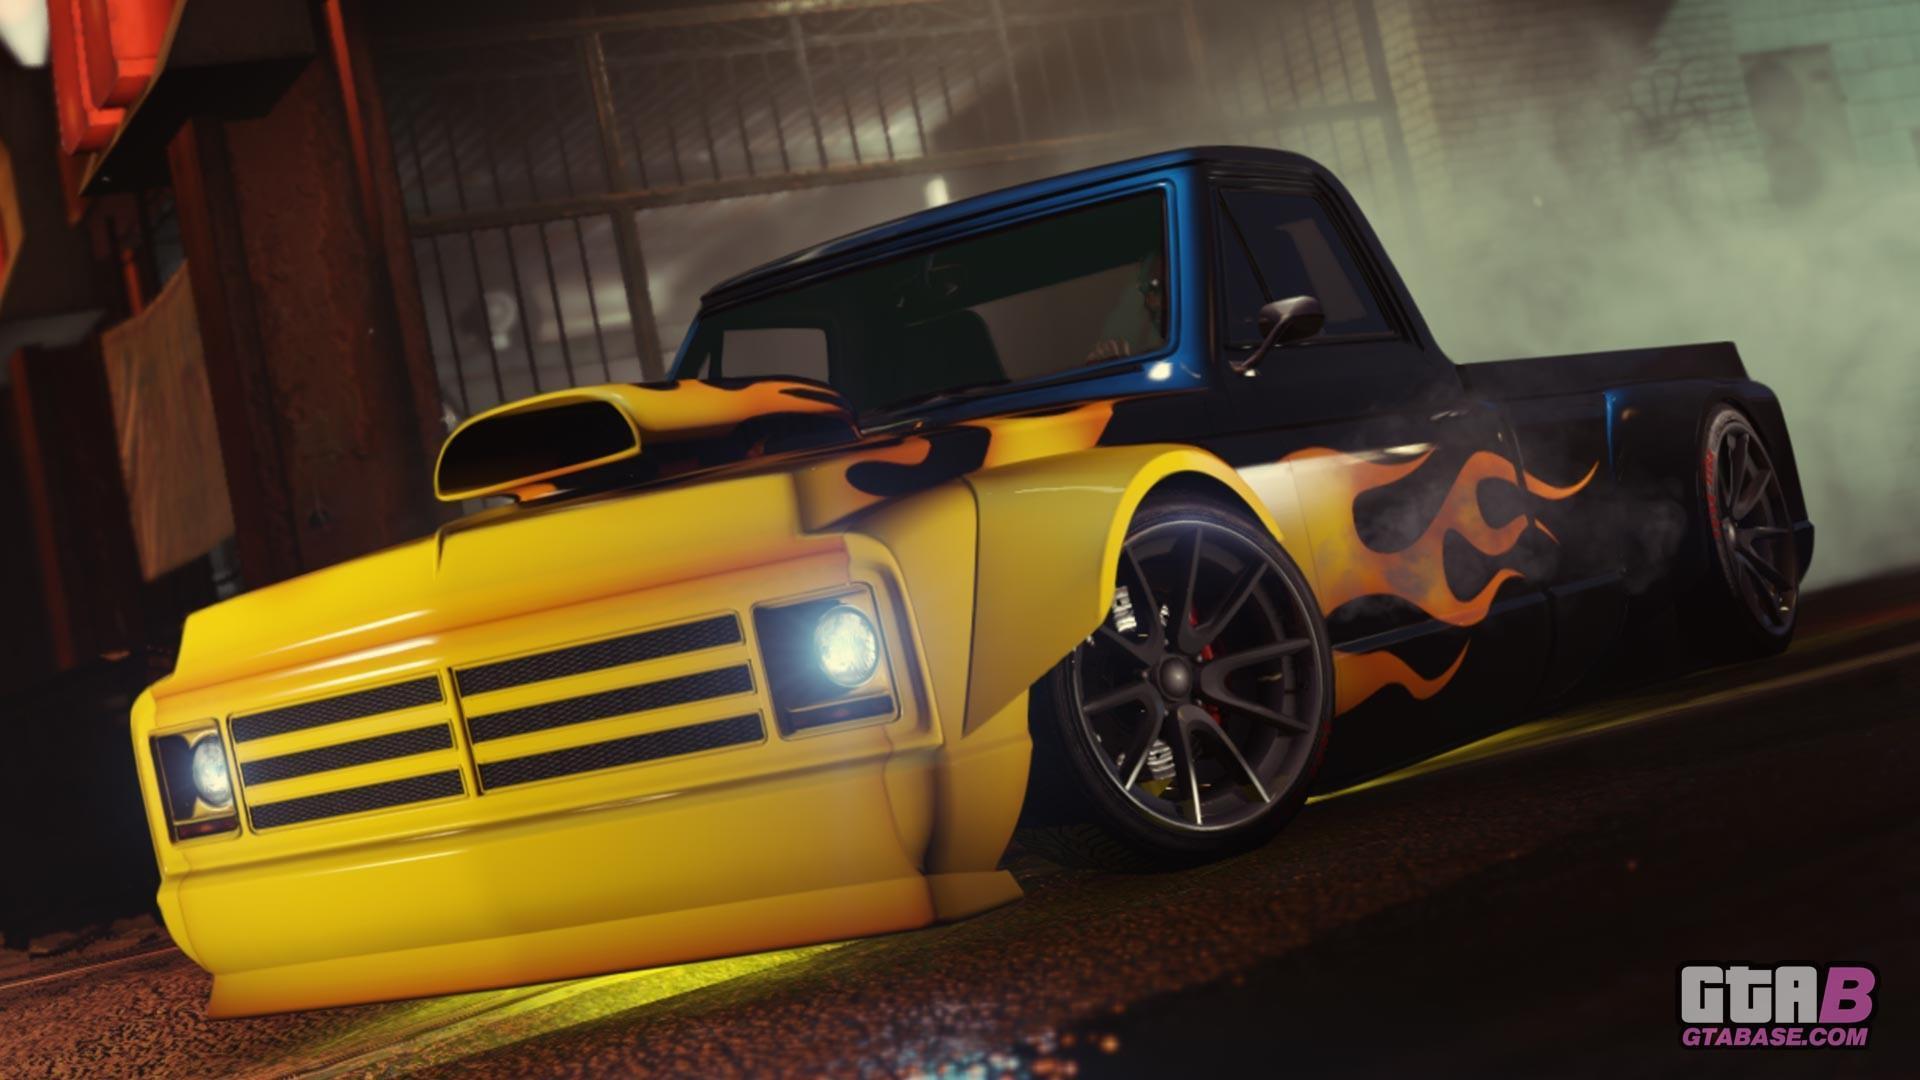 Drift Yosemite Gta V Gta Online Vehicles Database Statistics Grand Theft Auto V